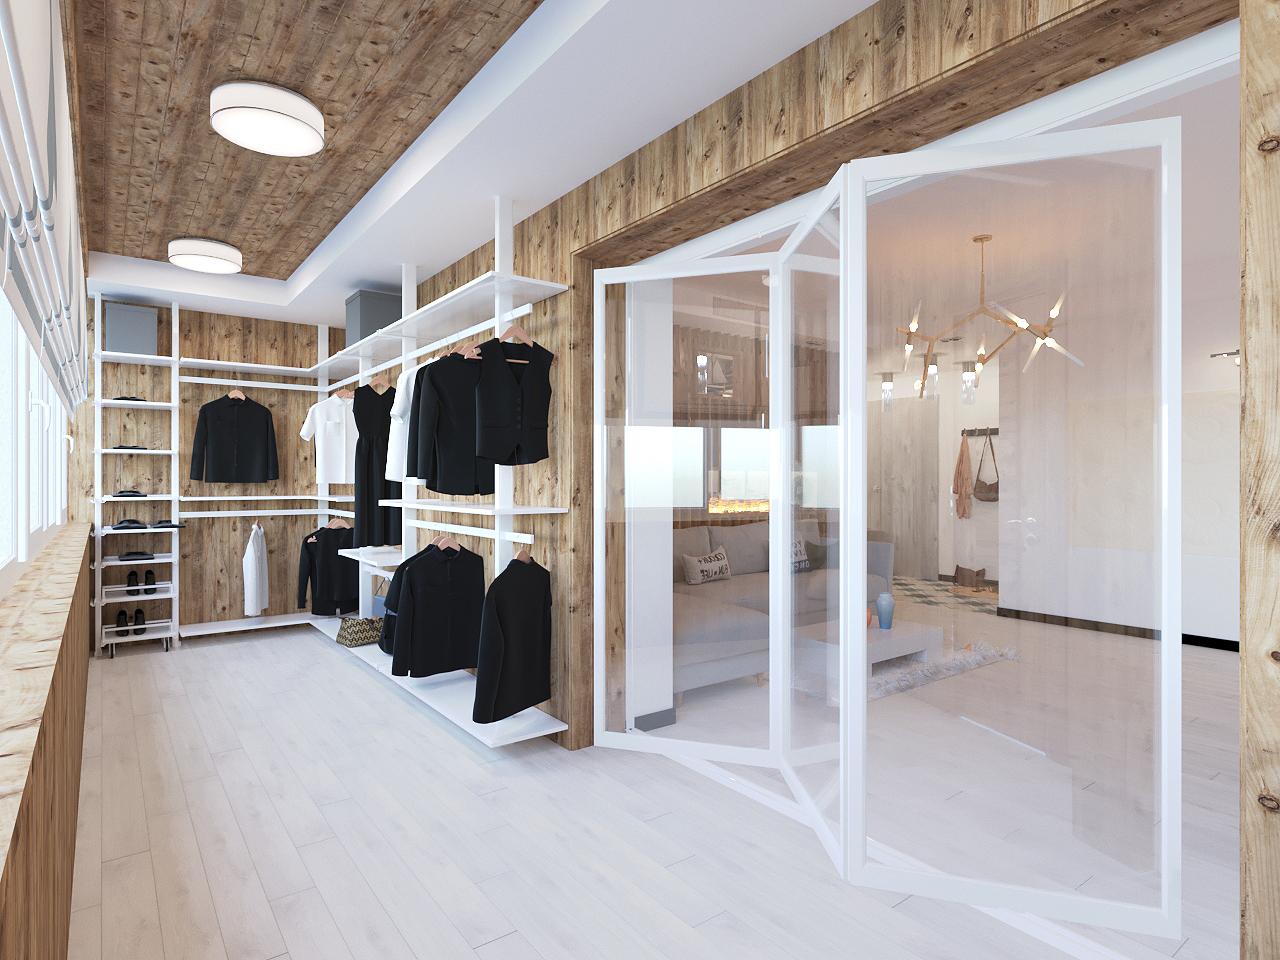 Дизайн проект интерьера первого уровня квартиры 69,9 м.кв. фото f_3315a85339524caa.jpg